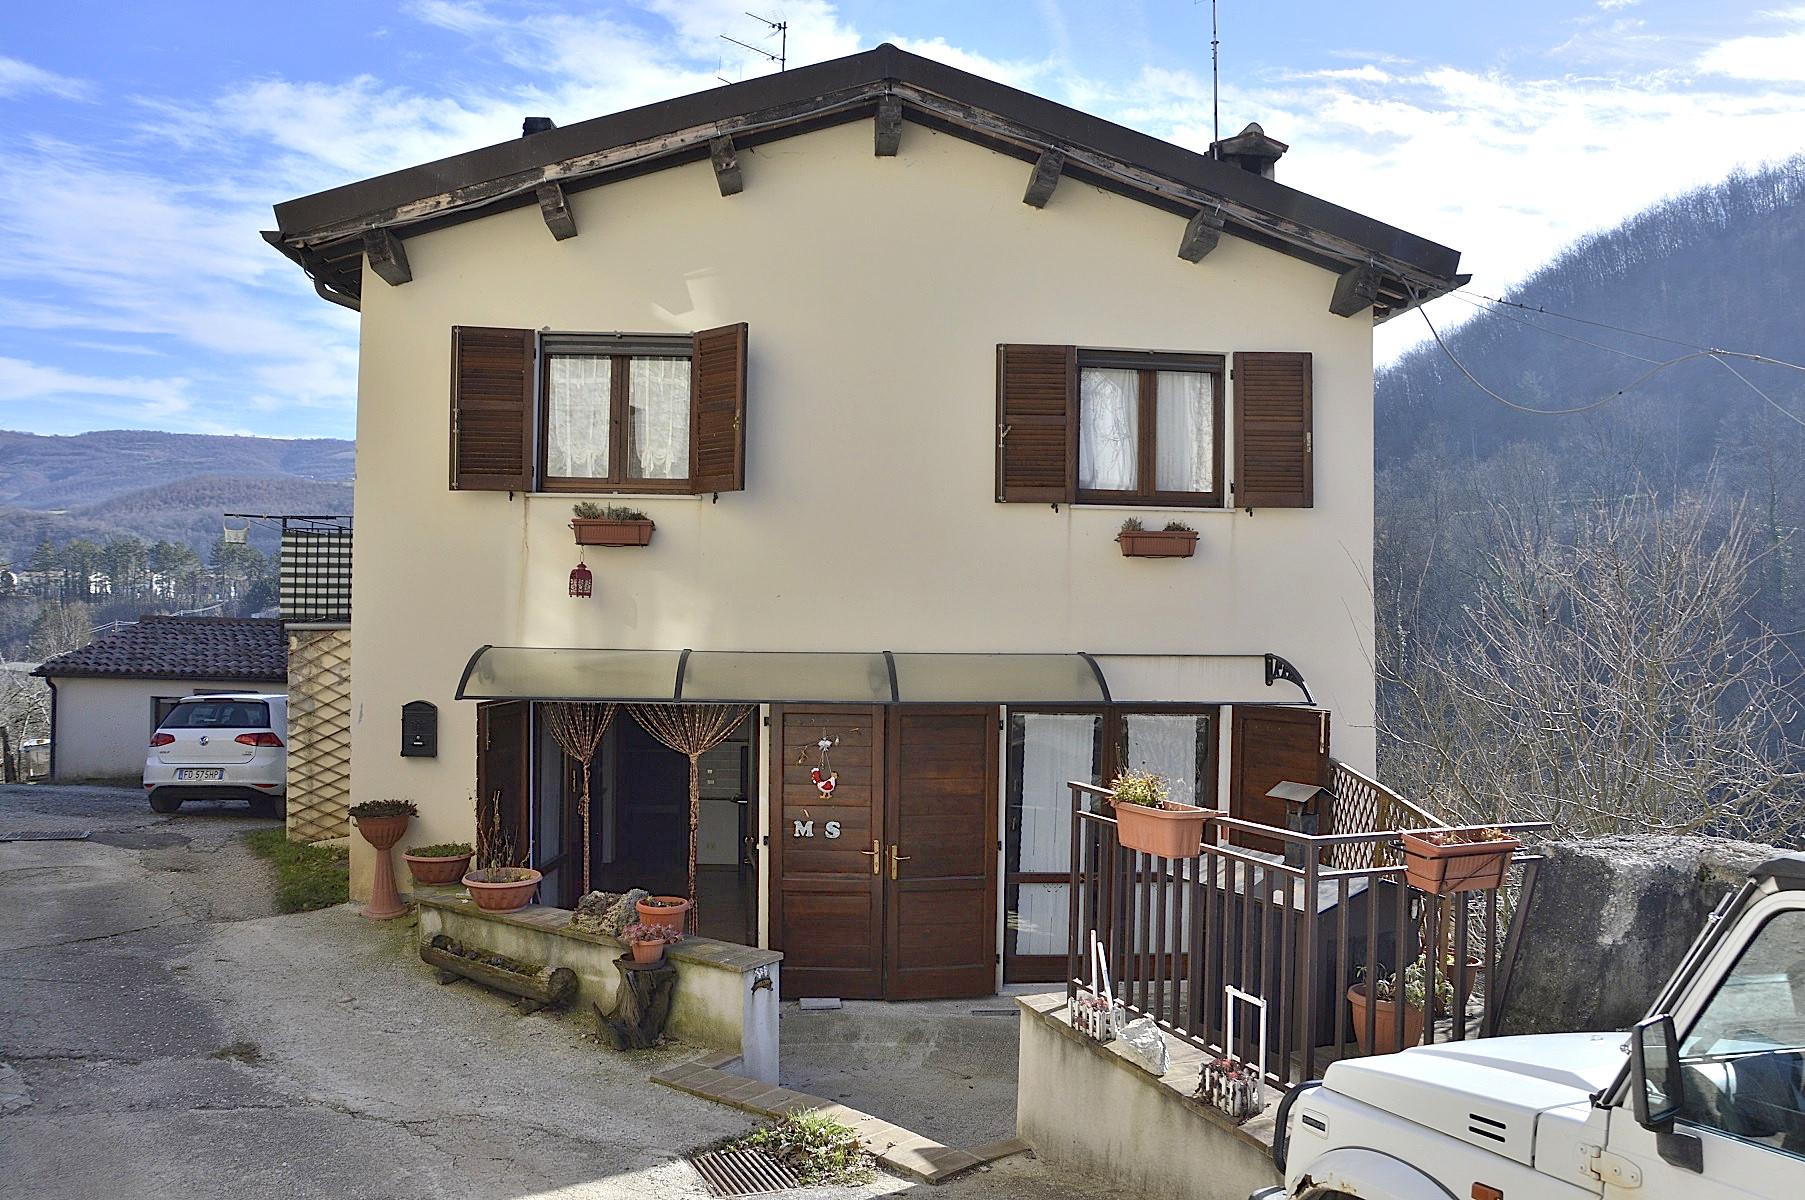 Soluzione Semindipendente in vendita a Sellano, 6 locali, zona Località: Sellano, prezzo € 53.000 | CambioCasa.it